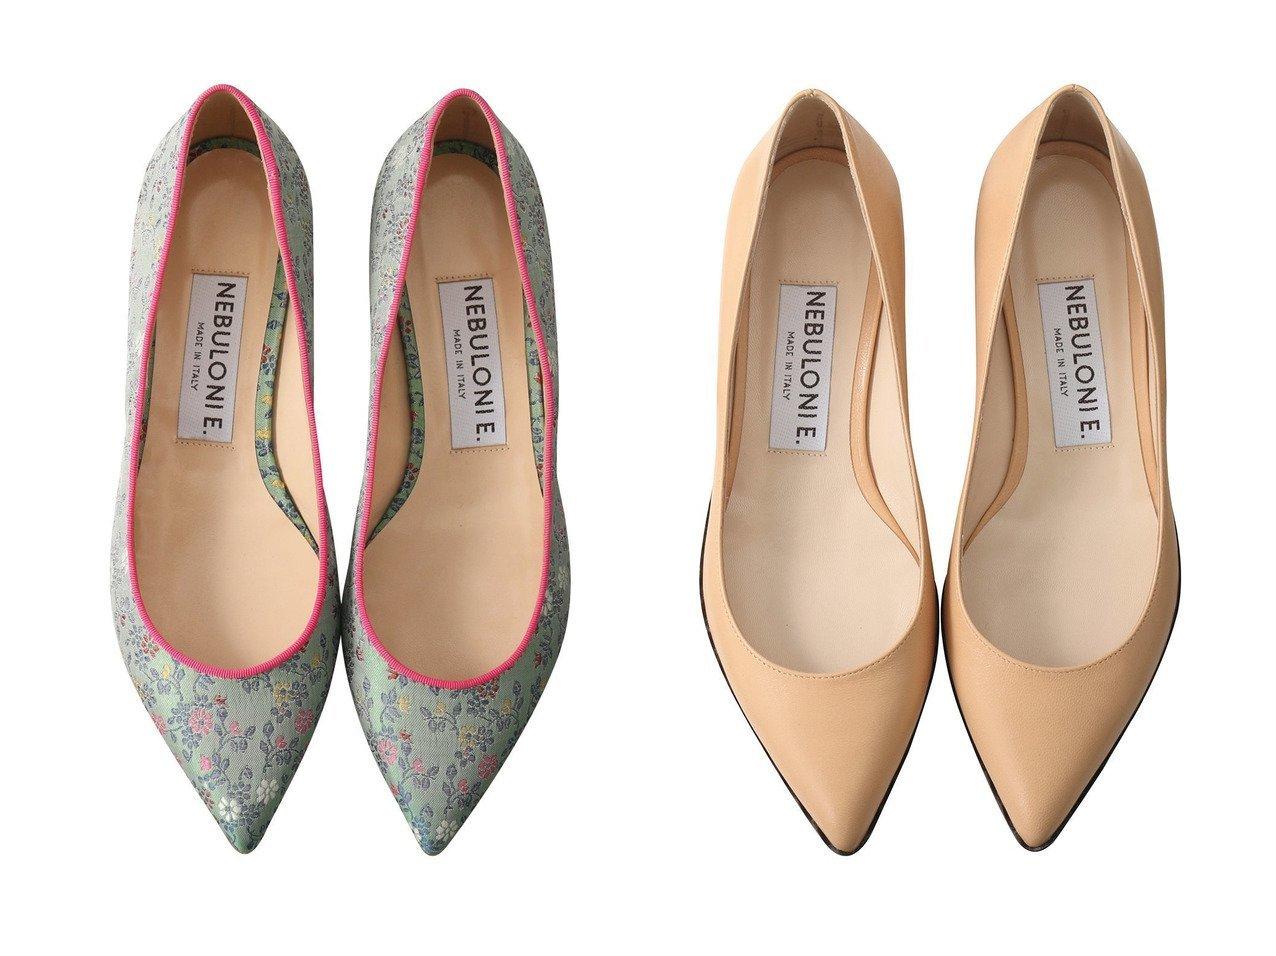 【NEBULONI E/ネブローニ】の【ELLE SHOP限定】MACA フラワージャカードフラットシューズ&MACA スカラップソールフラットシューズ ネブローニのおすすめ!人気、トレンド・レディースファッションの通販  おすすめで人気の流行・トレンド、ファッションの通販商品 メンズファッション・キッズファッション・インテリア・家具・レディースファッション・服の通販 founy(ファニー) https://founy.com/ ファッション Fashion レディースファッション WOMEN 2021年 2021 2021 春夏 S/S SS Spring/Summer 2021 S/S 春夏 SS Spring/Summer シューズ シンプル スカラップ フォルム フラット 春 Spring |ID:crp329100000021130